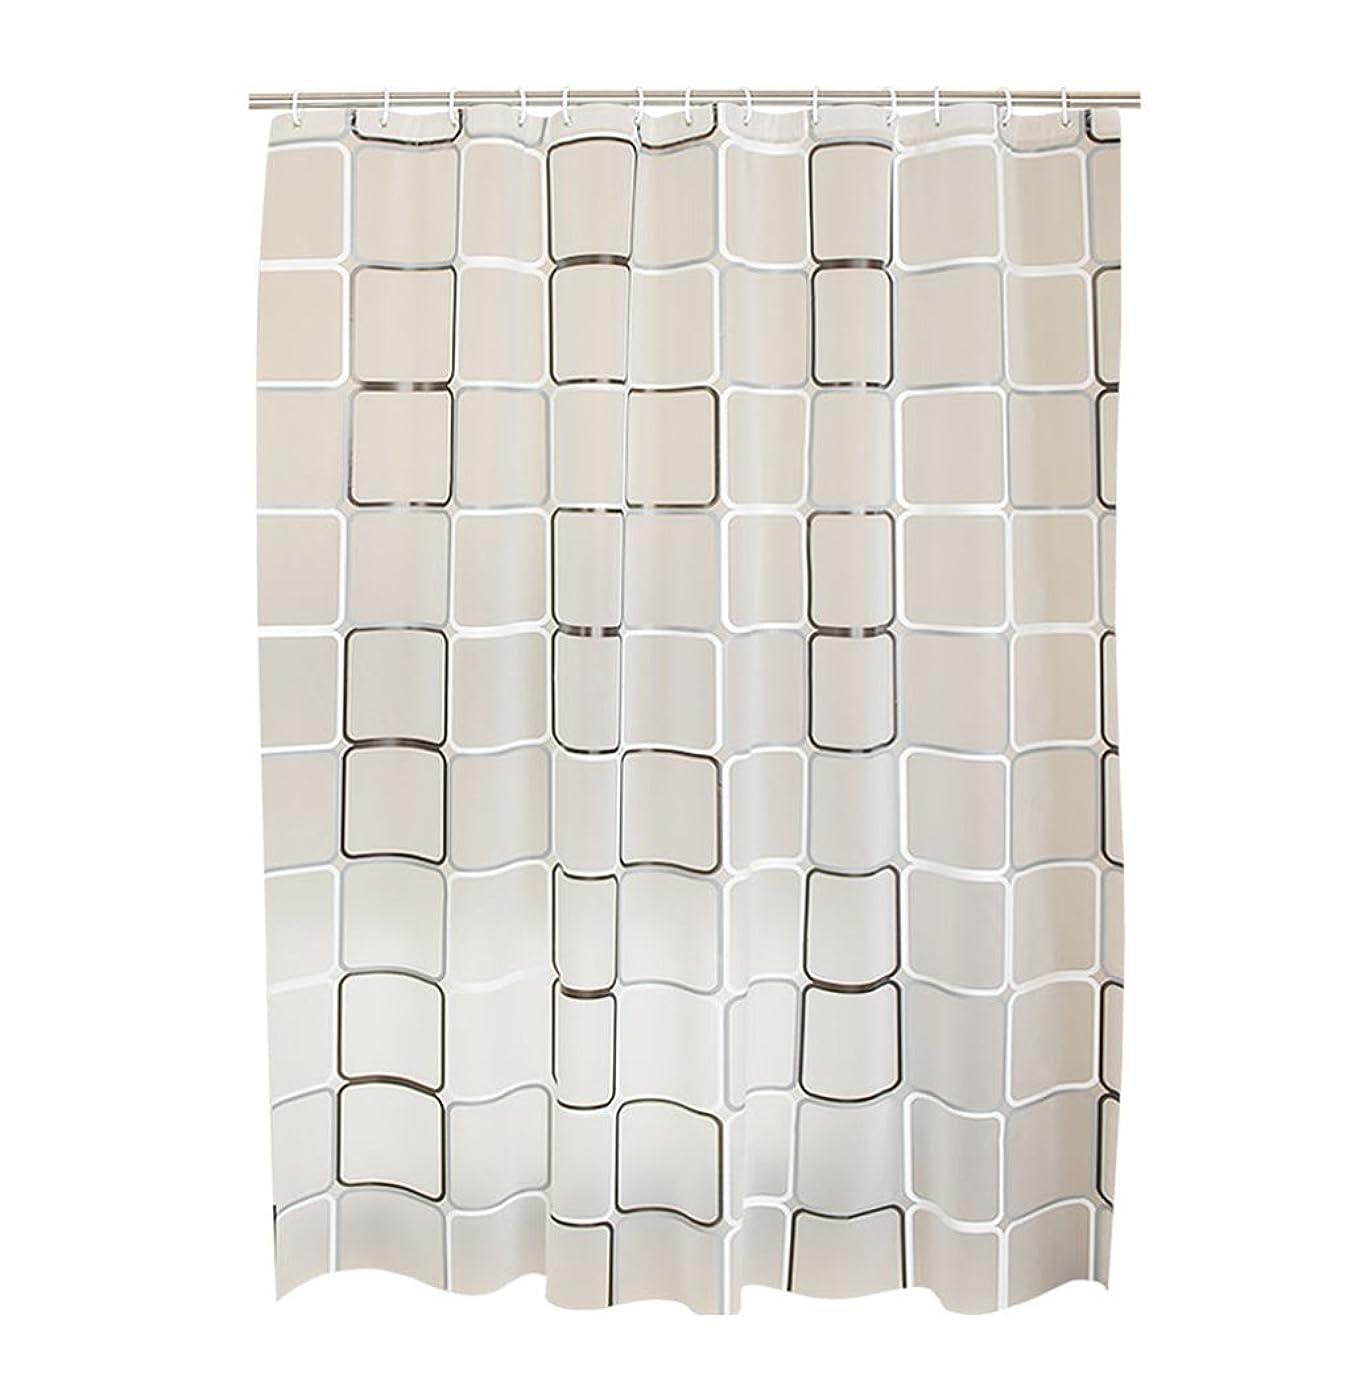 ヒステリックコットン建築家LJBOZ シャワーカーテン、より厚い防水PEVA材料をカットしたカビの予防シャワーカーテン80x180cm、120x200cm、180x200cm、180x220cm、240x190cm、 シャワーカーテン (Size : 200*190cm)